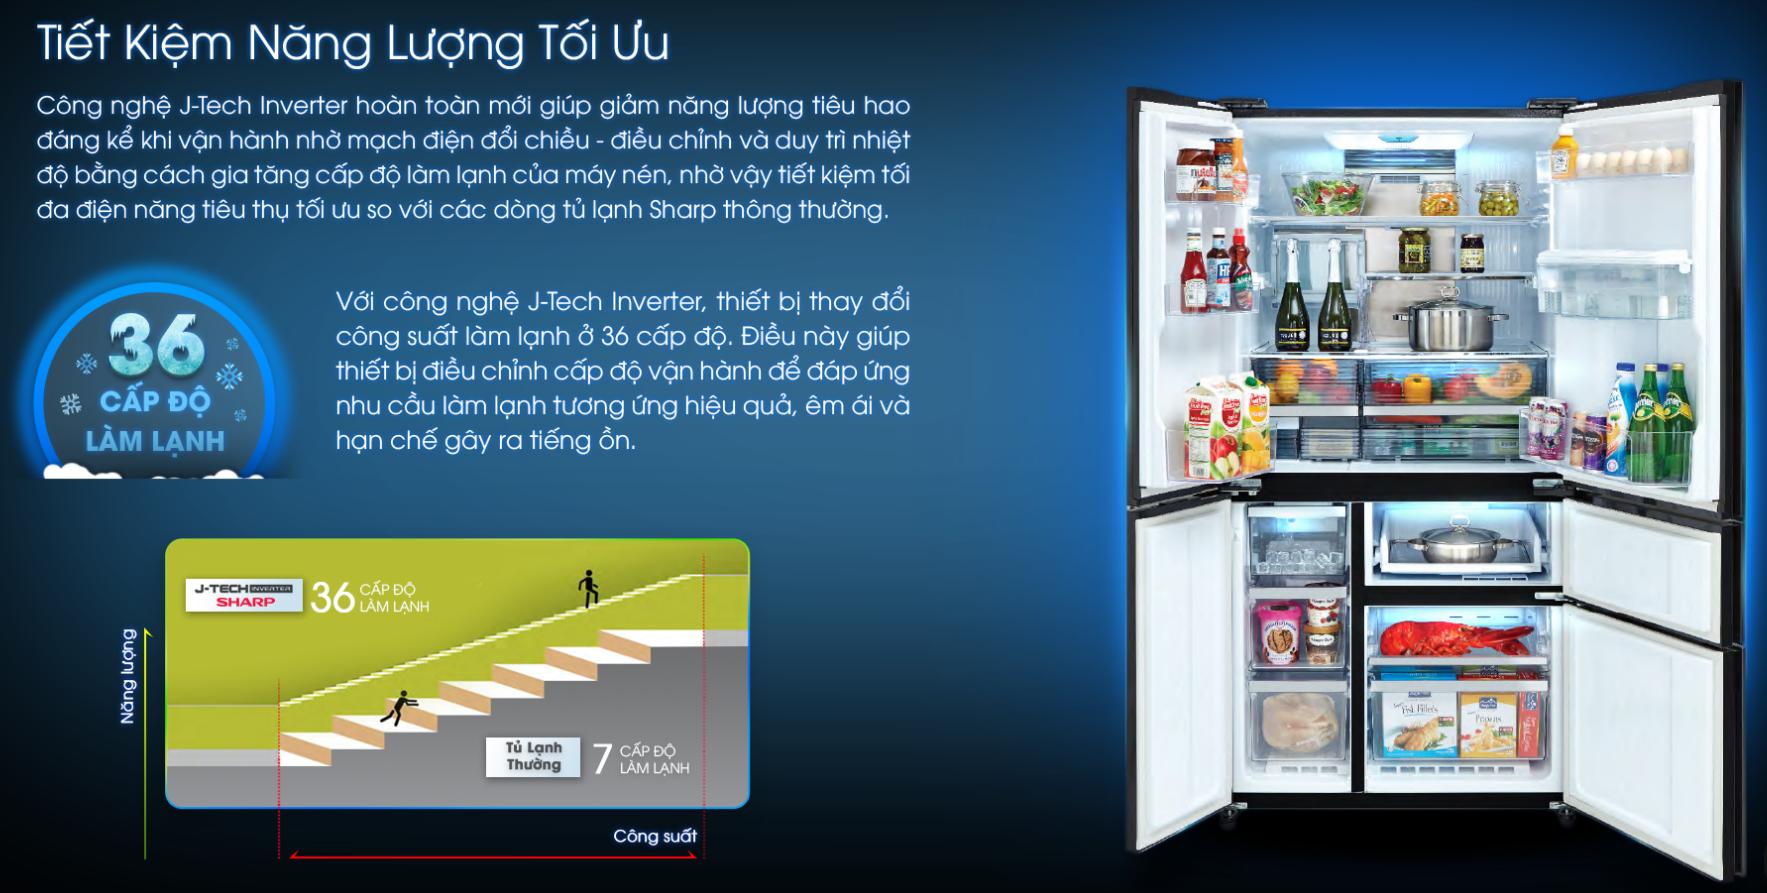 lựa chọn tủ lạnh nào thì hãy tham khảo